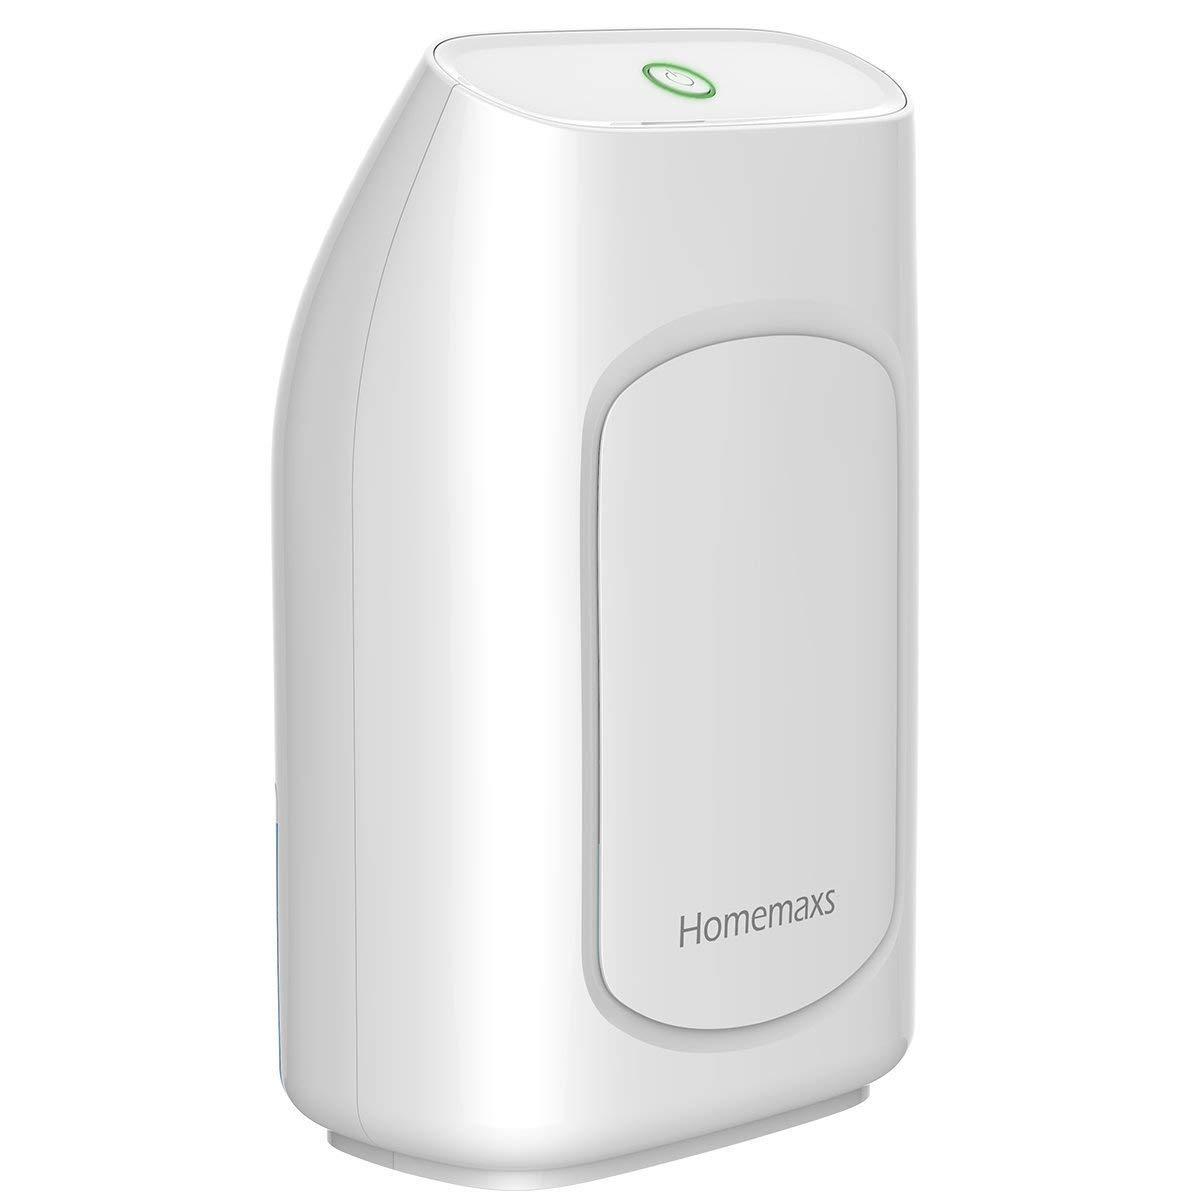 Cheap Quiet Dehumidifier Basement, find Quiet Dehumidifier